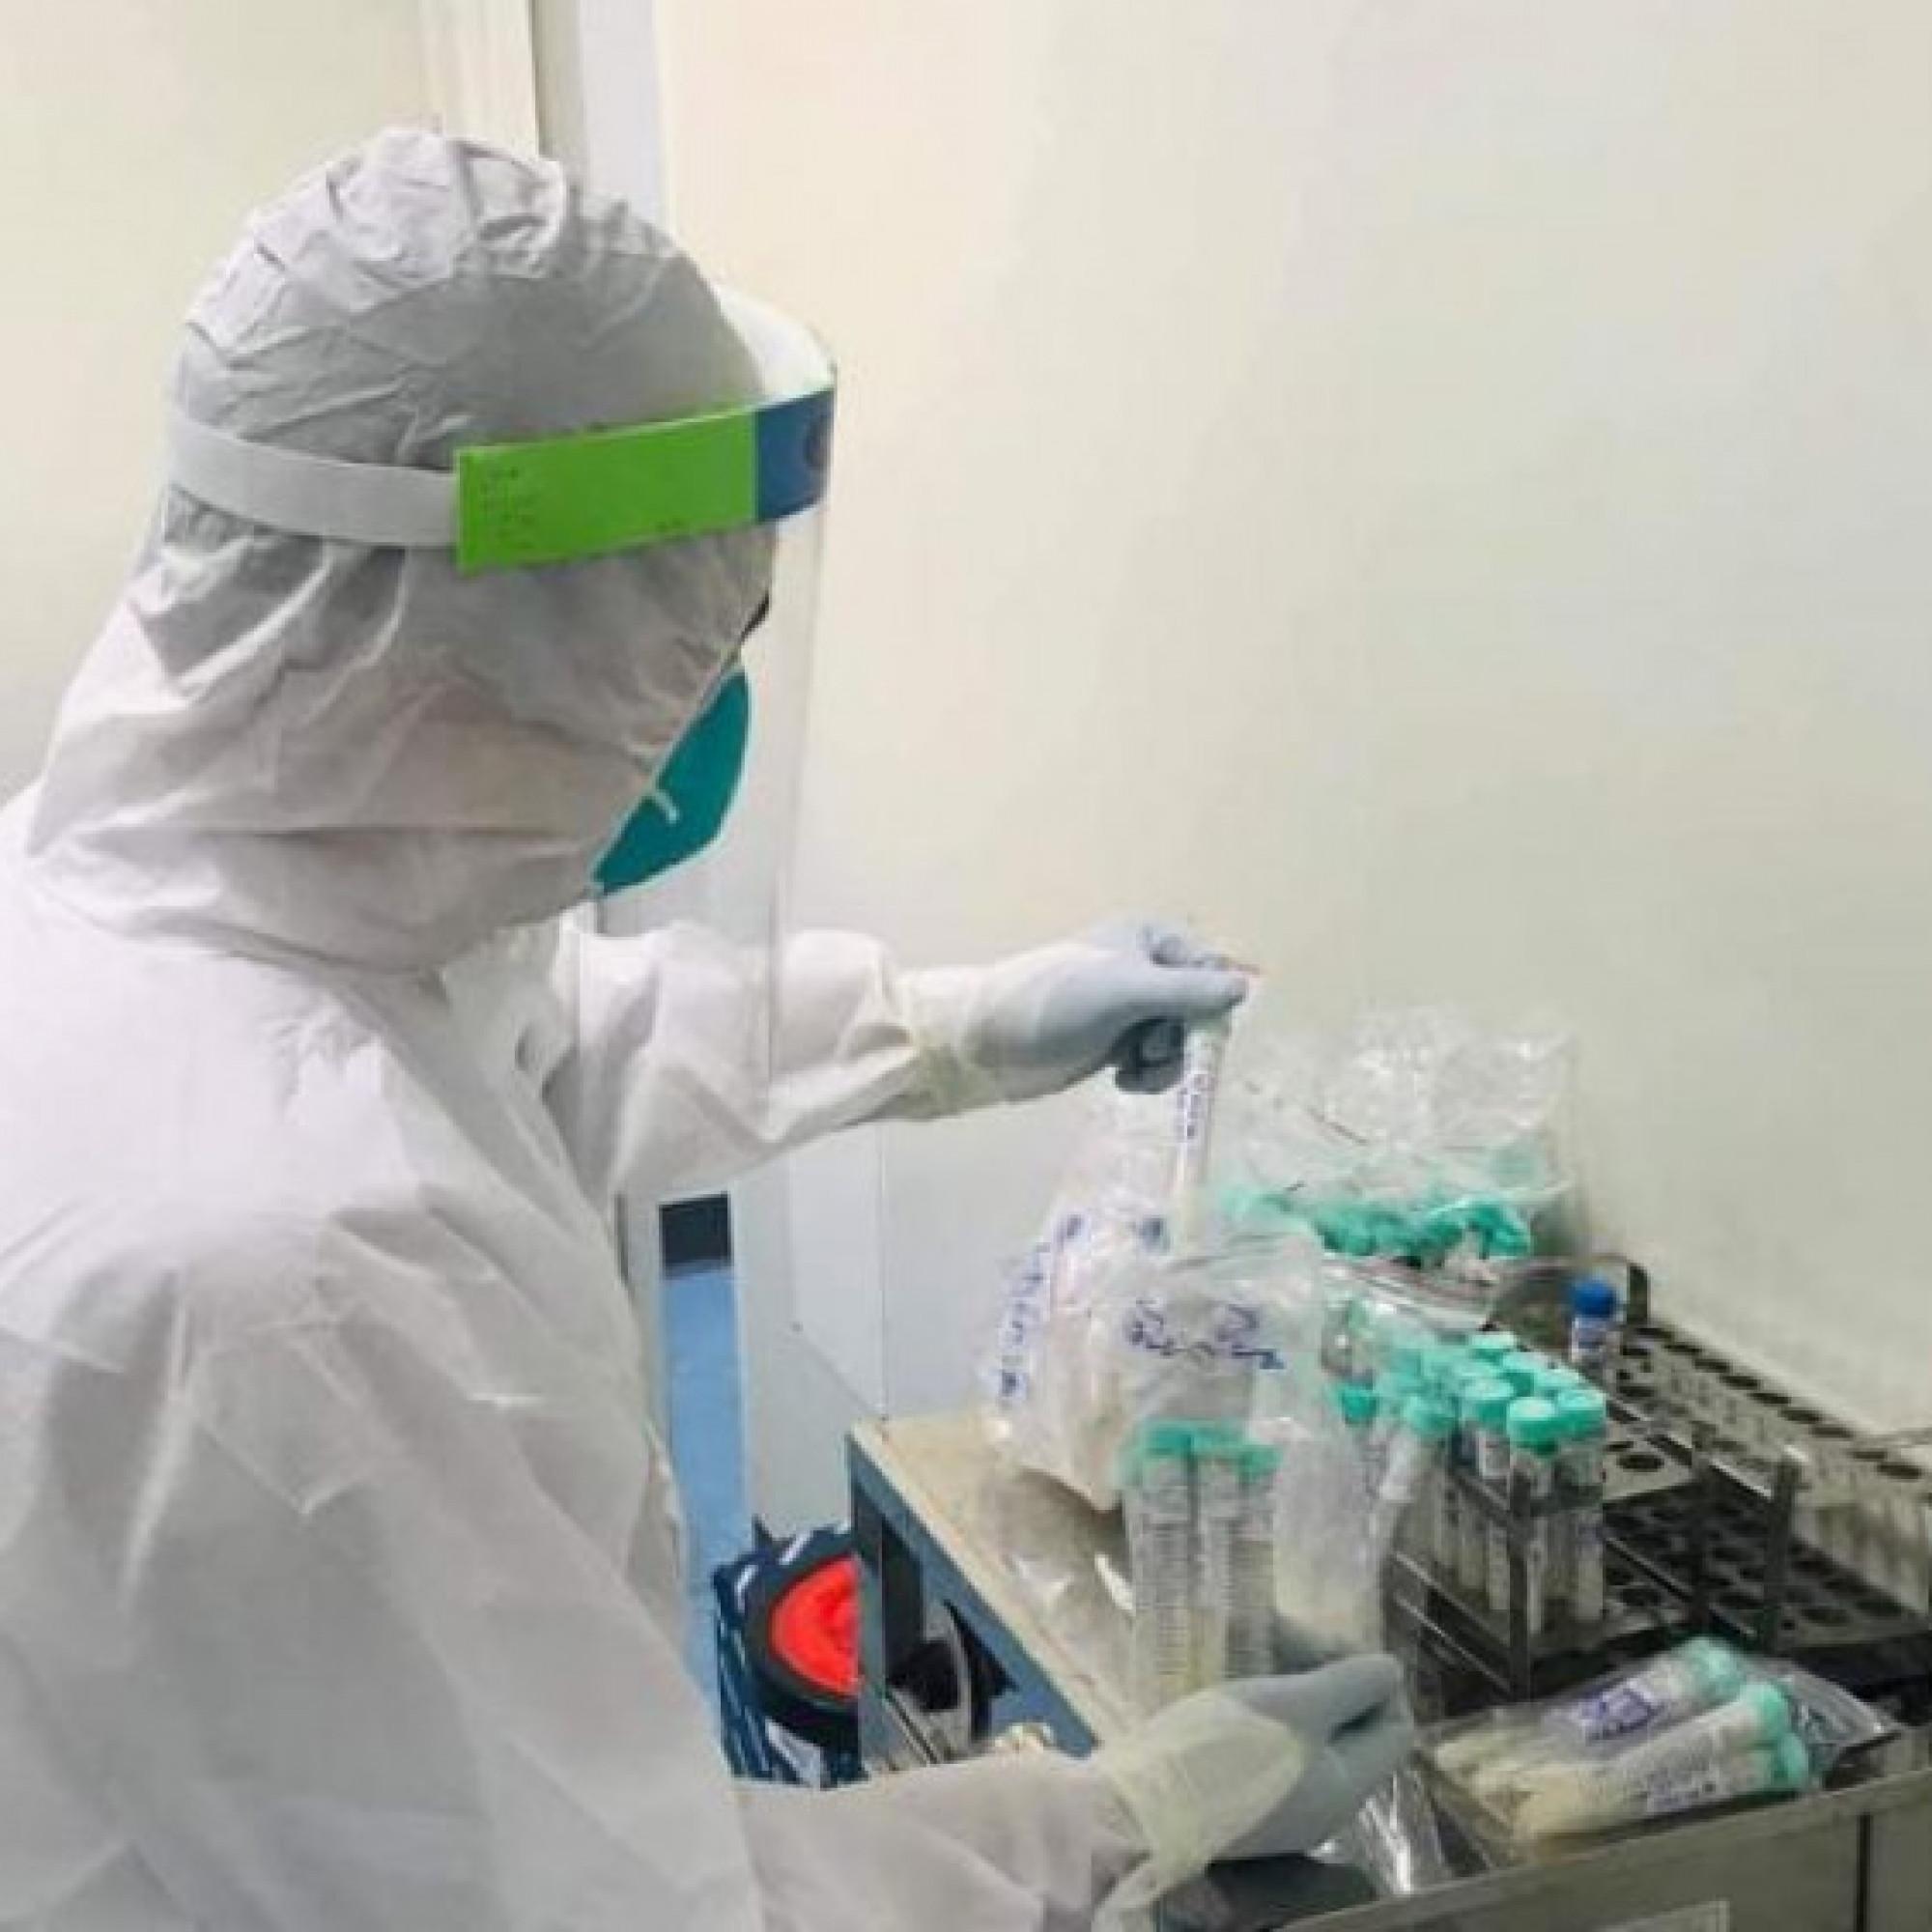 - Hà Nội thêm 33 ca dương tính với SARS-CoV-2, trong đó có 11 ca cộng đồng